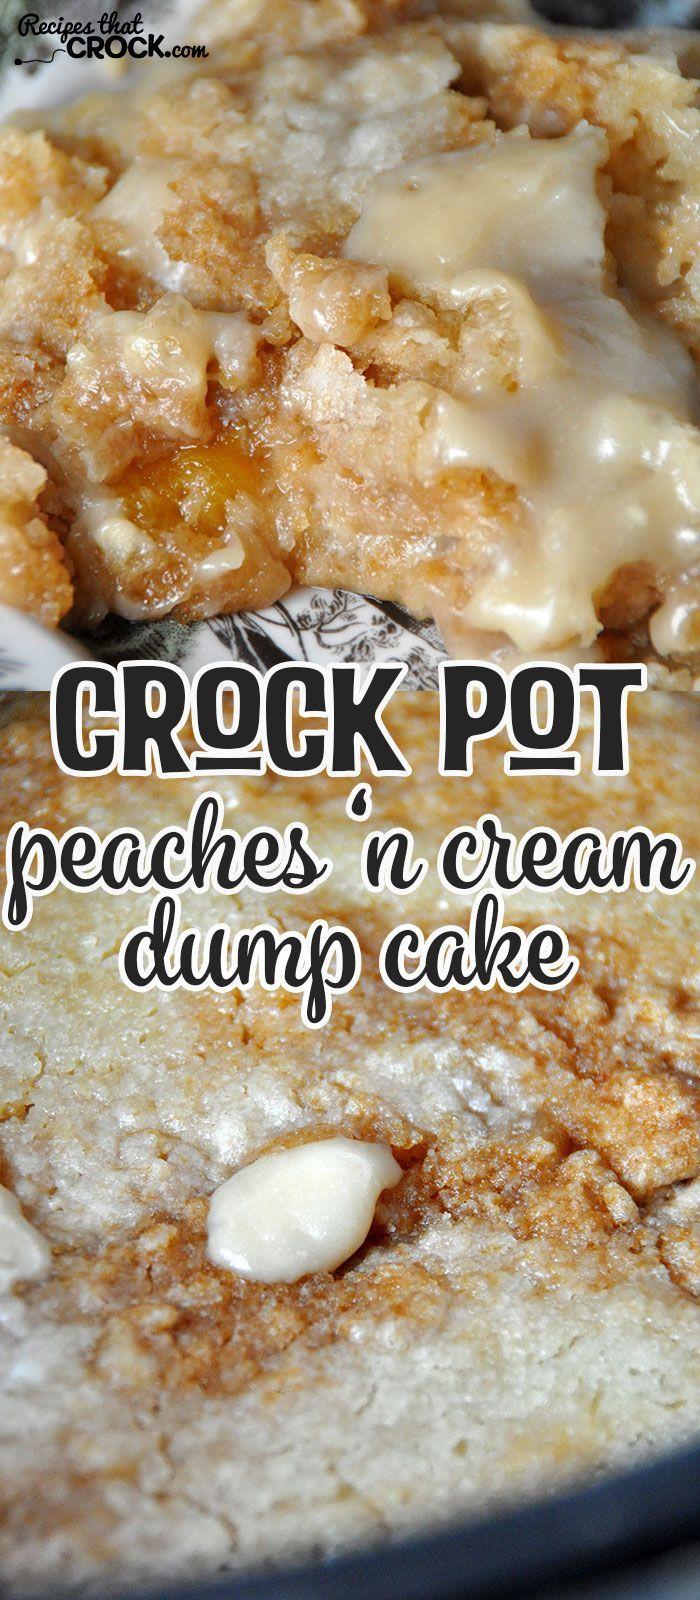 Crockpot Peach Cobbler Using Cake Mix